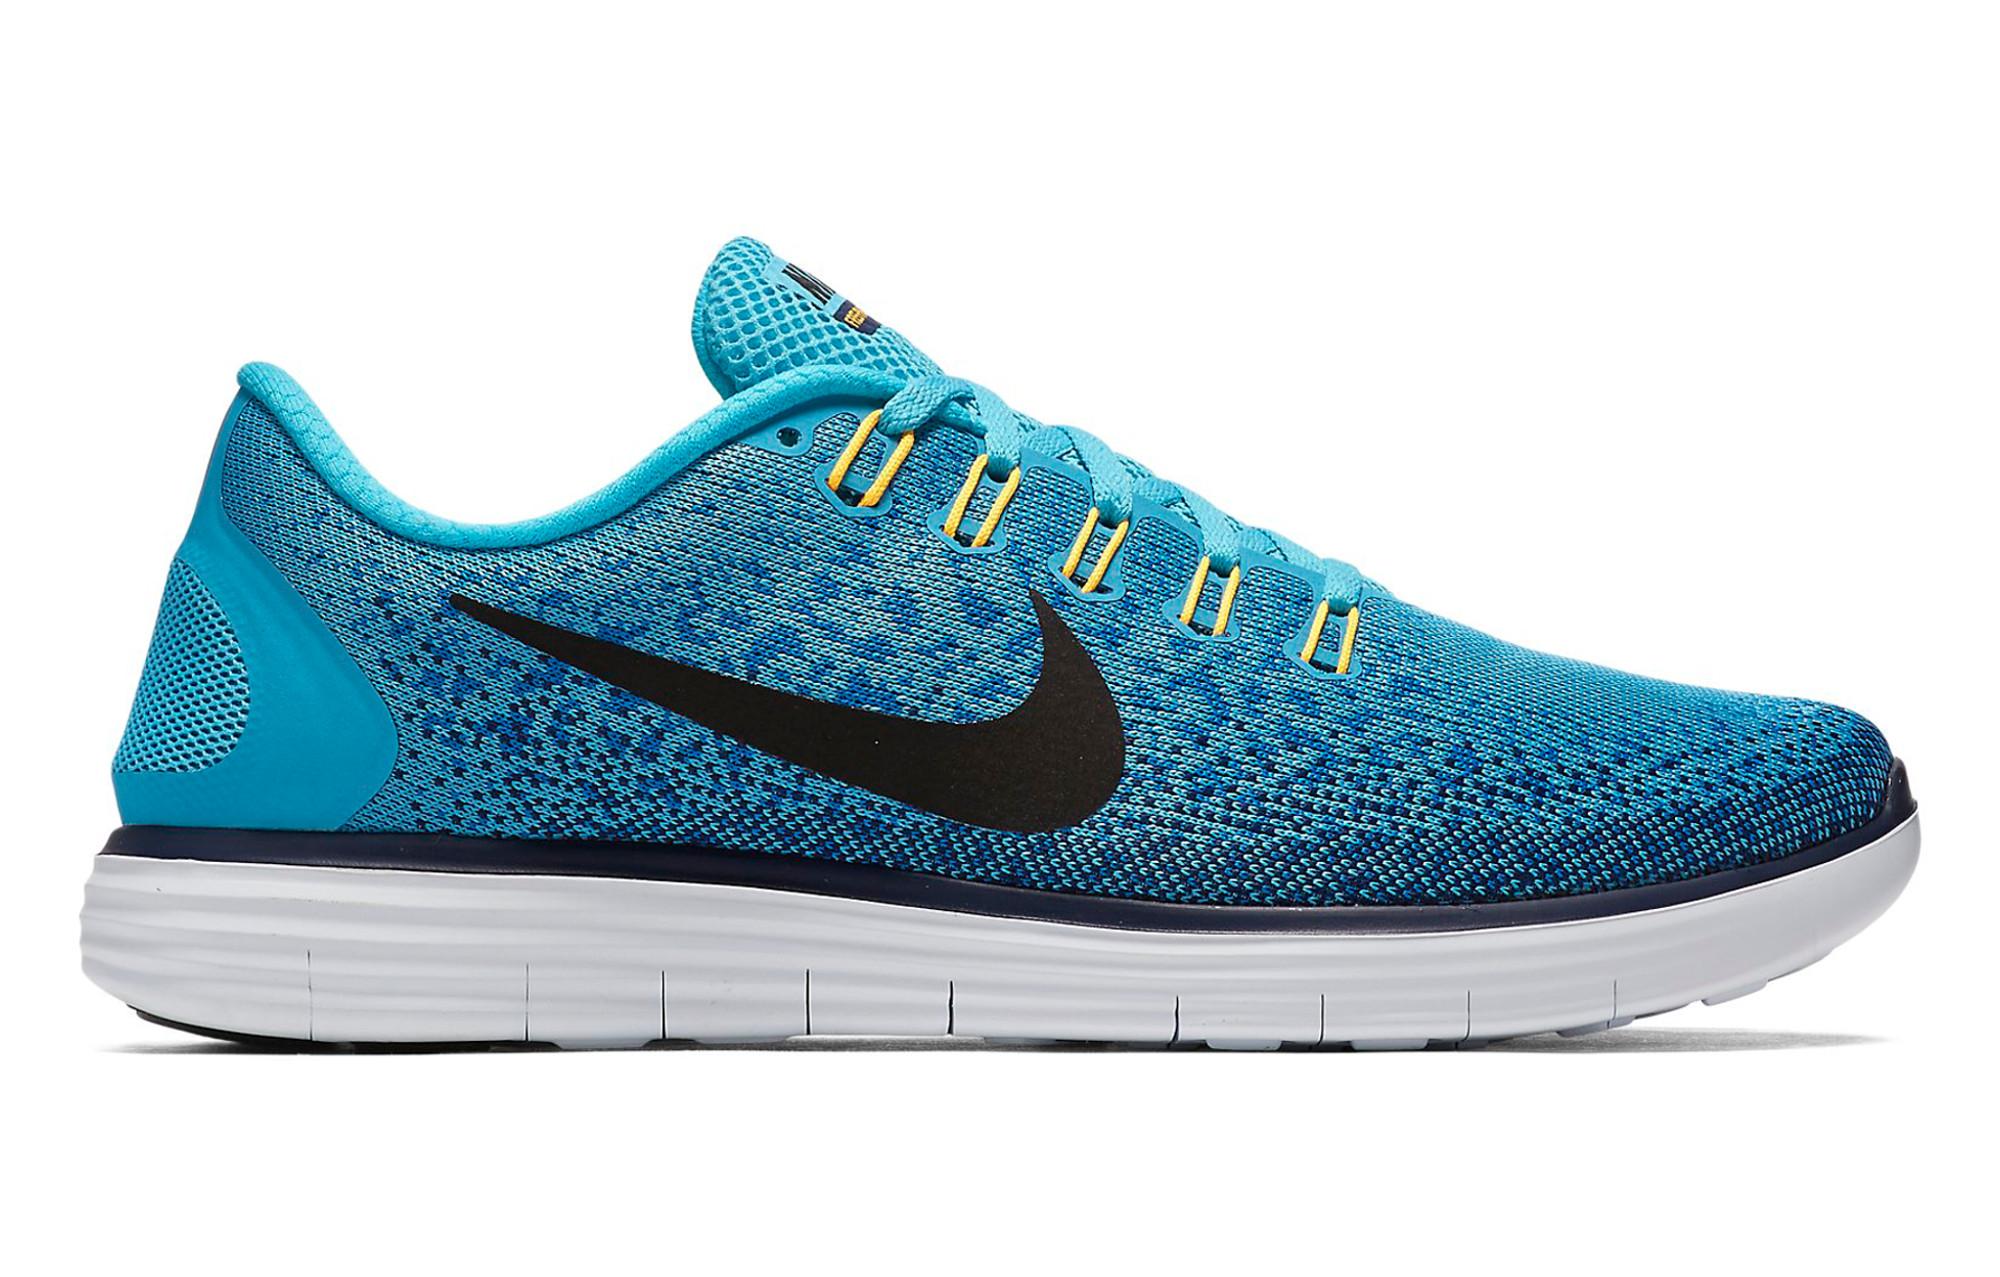 online retailer 2f2f3 7e635 Zapatillas Nike FREE RUN DISTANCE para Hombre